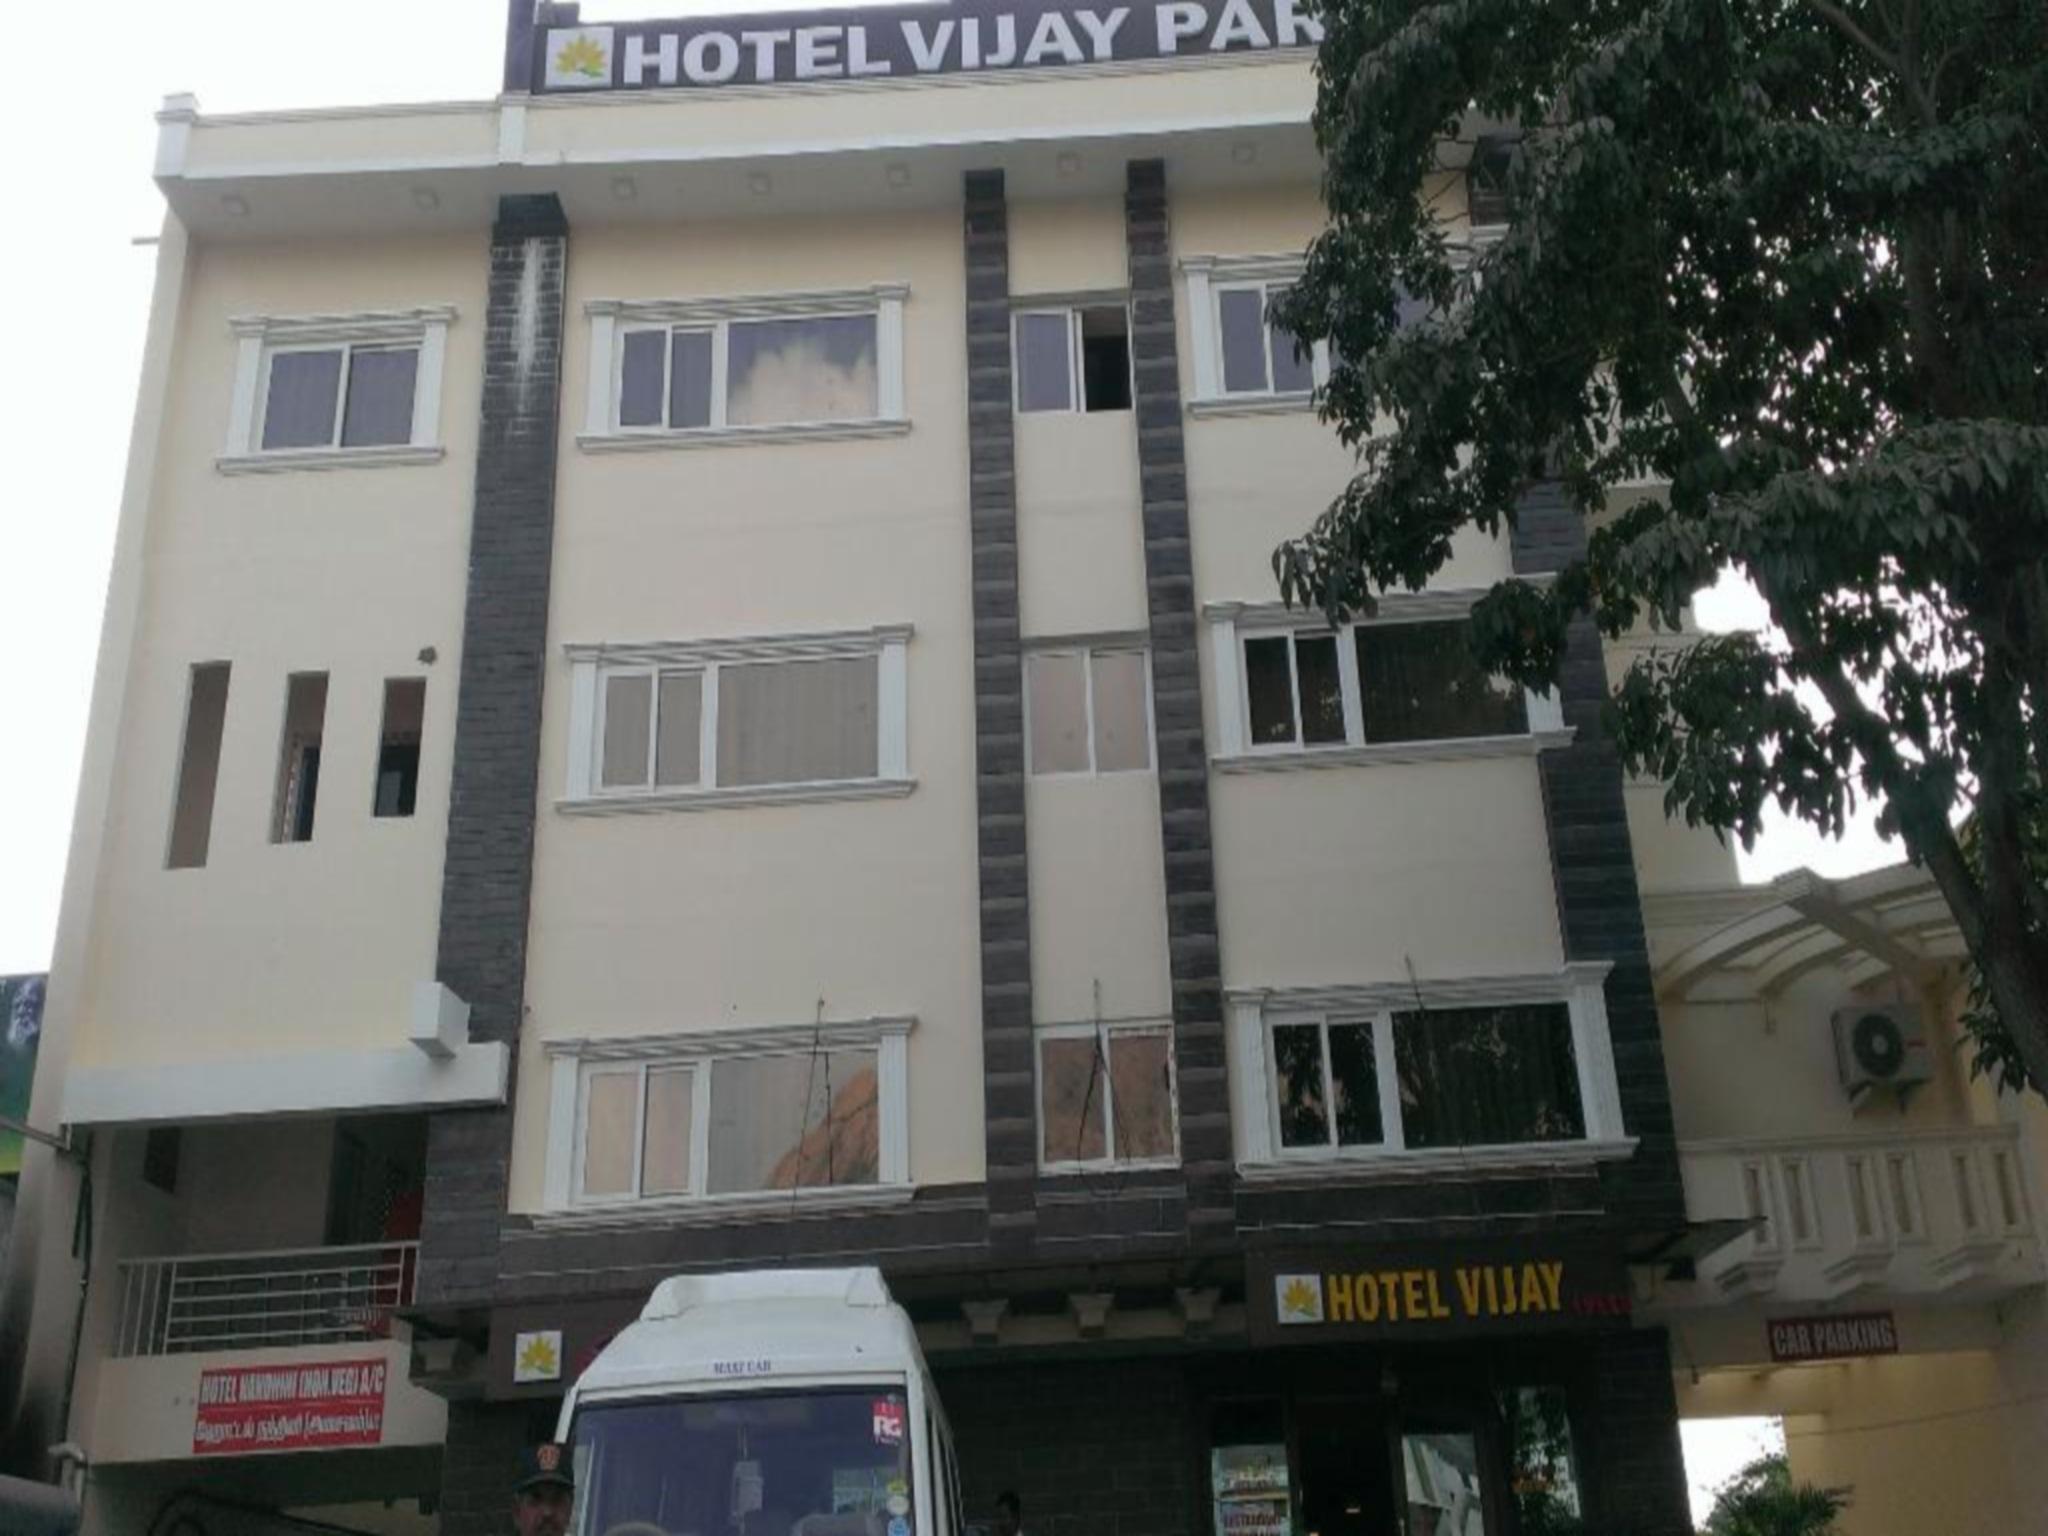 Hotel Vijay Park Tiruvanamalai, Tiruvannamalai